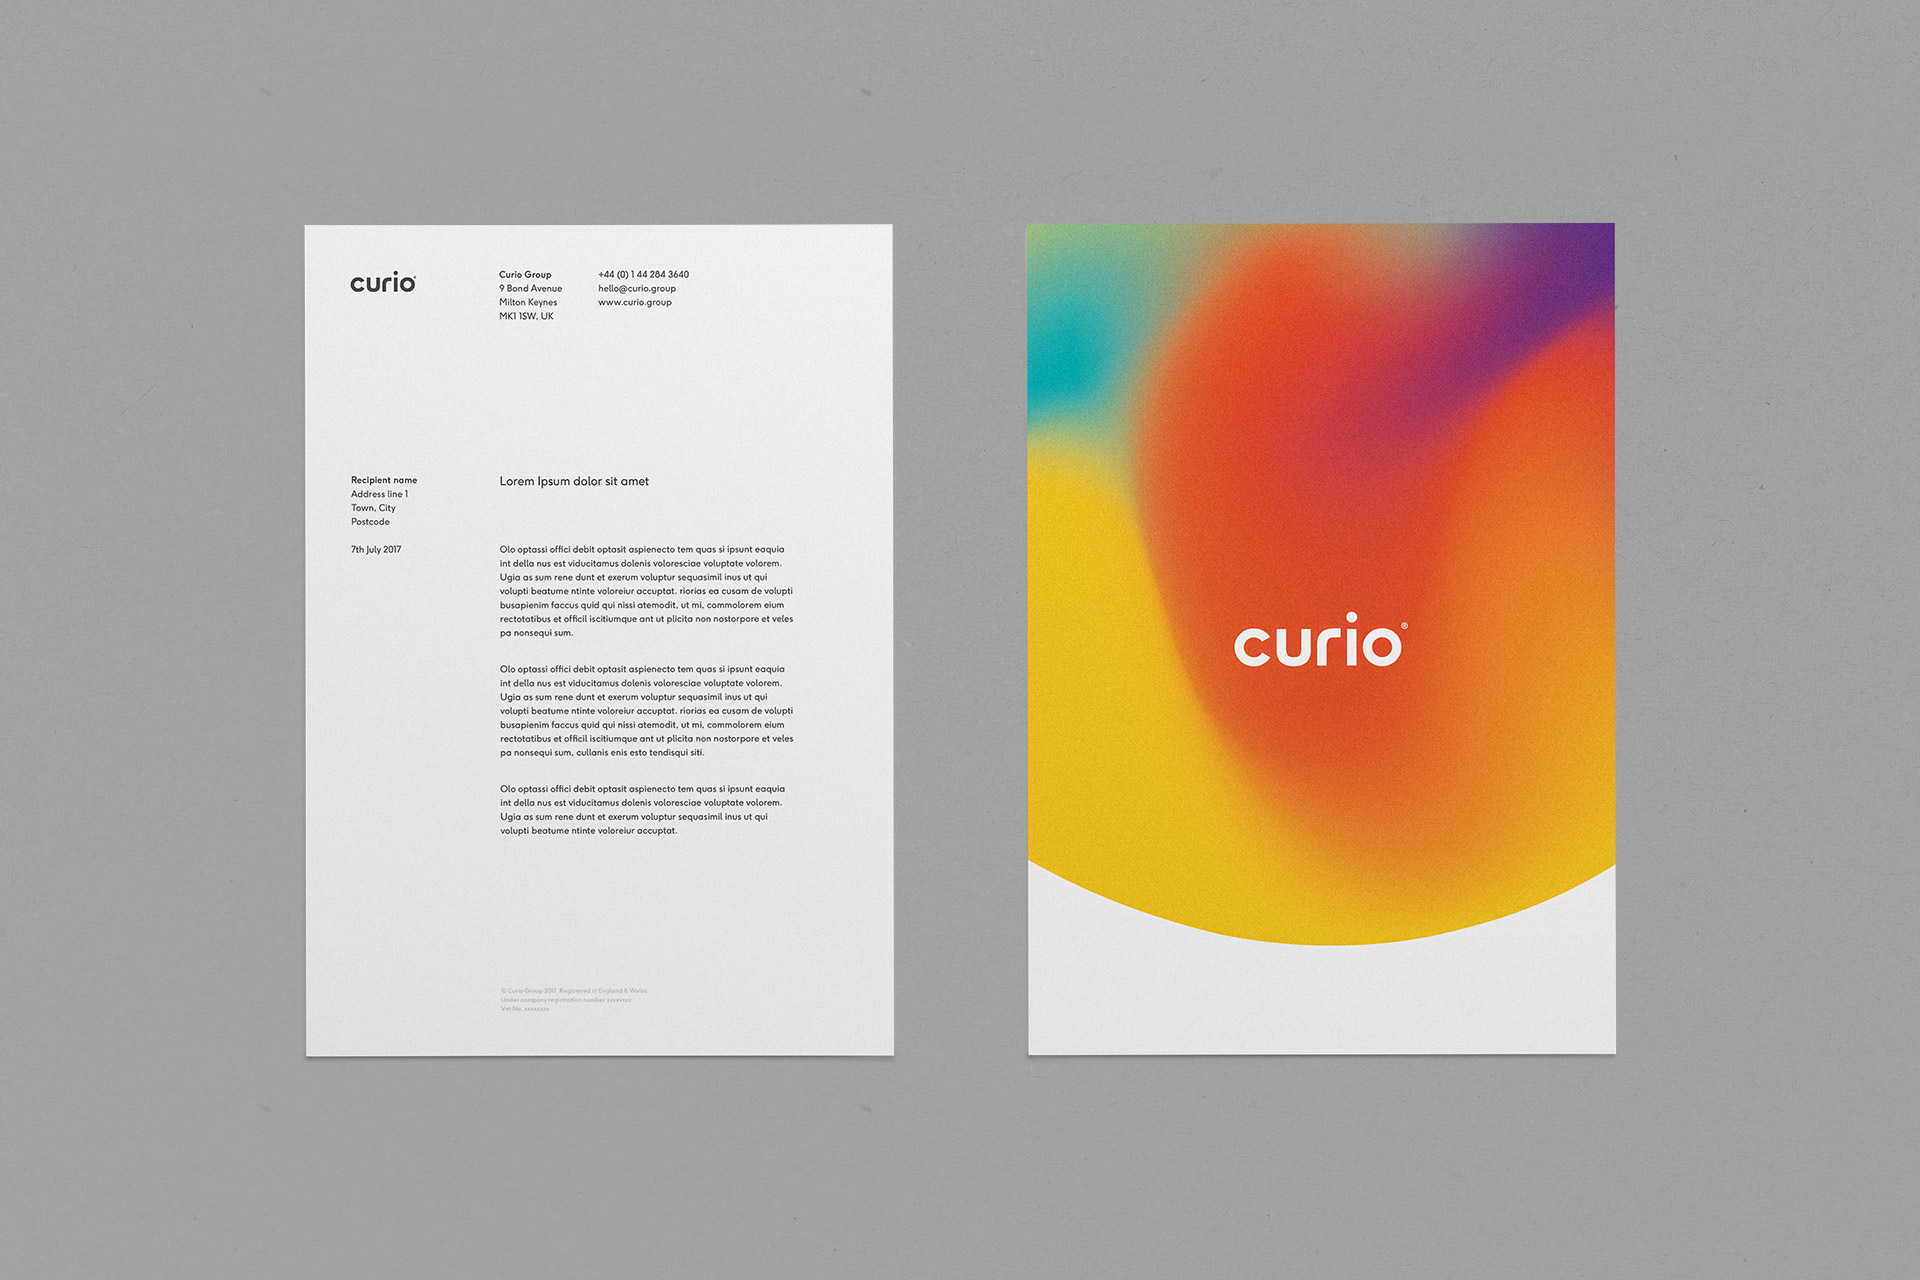 curio22